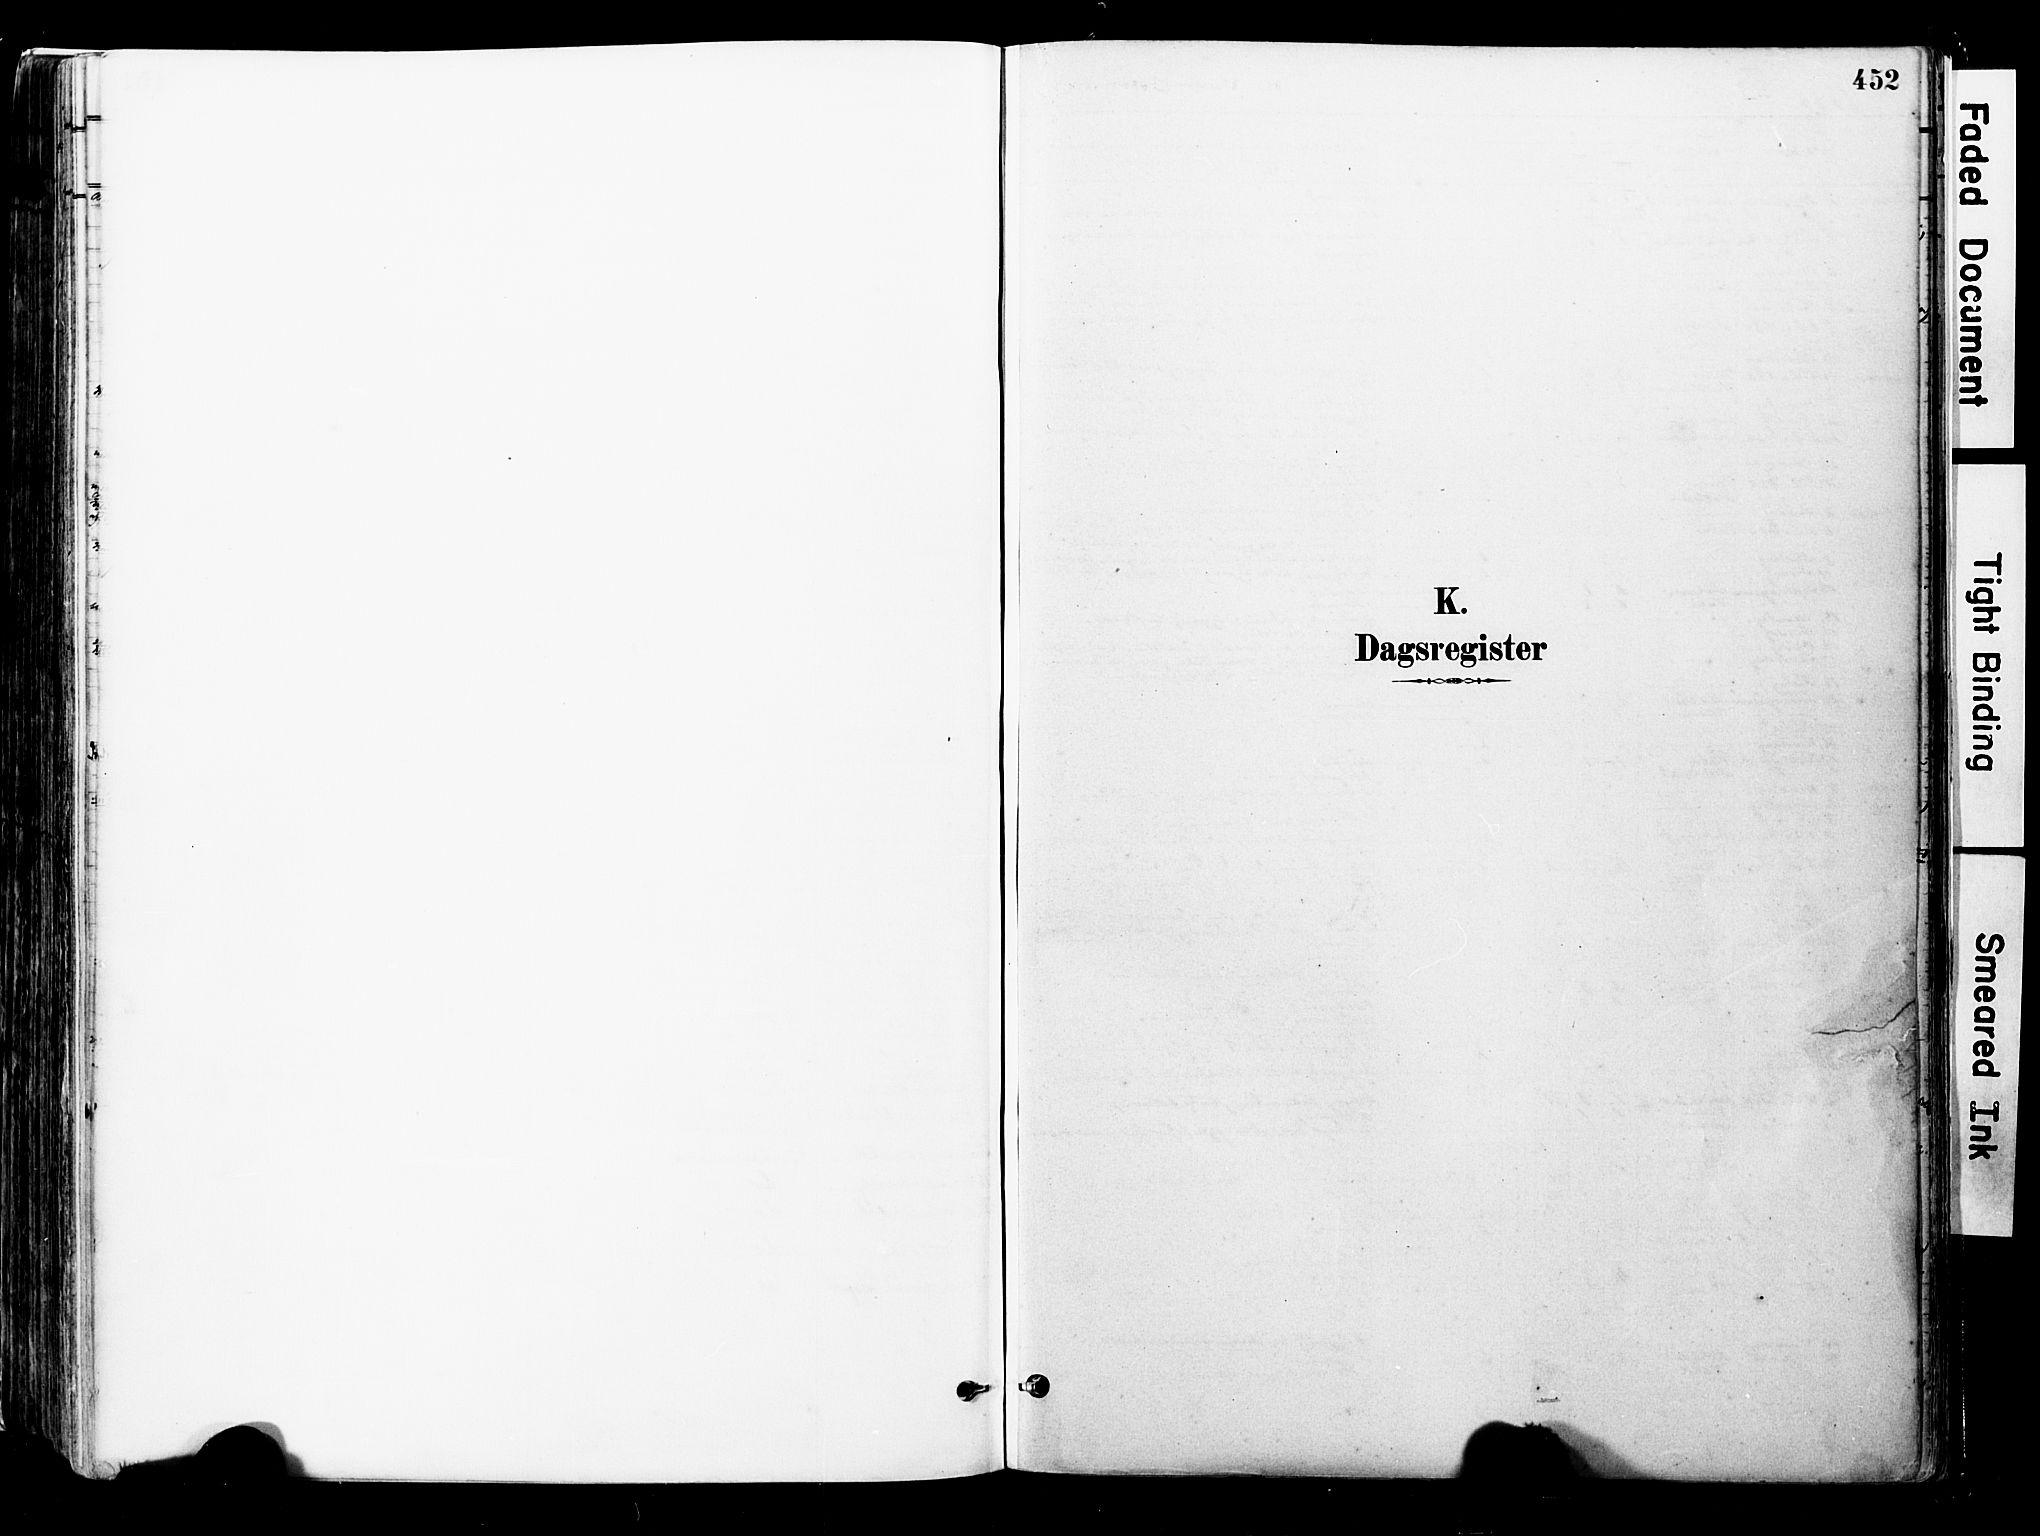 SAT, Ministerialprotokoller, klokkerbøker og fødselsregistre - Nord-Trøndelag, 723/L0244: Ministerialbok nr. 723A13, 1881-1899, s. 452